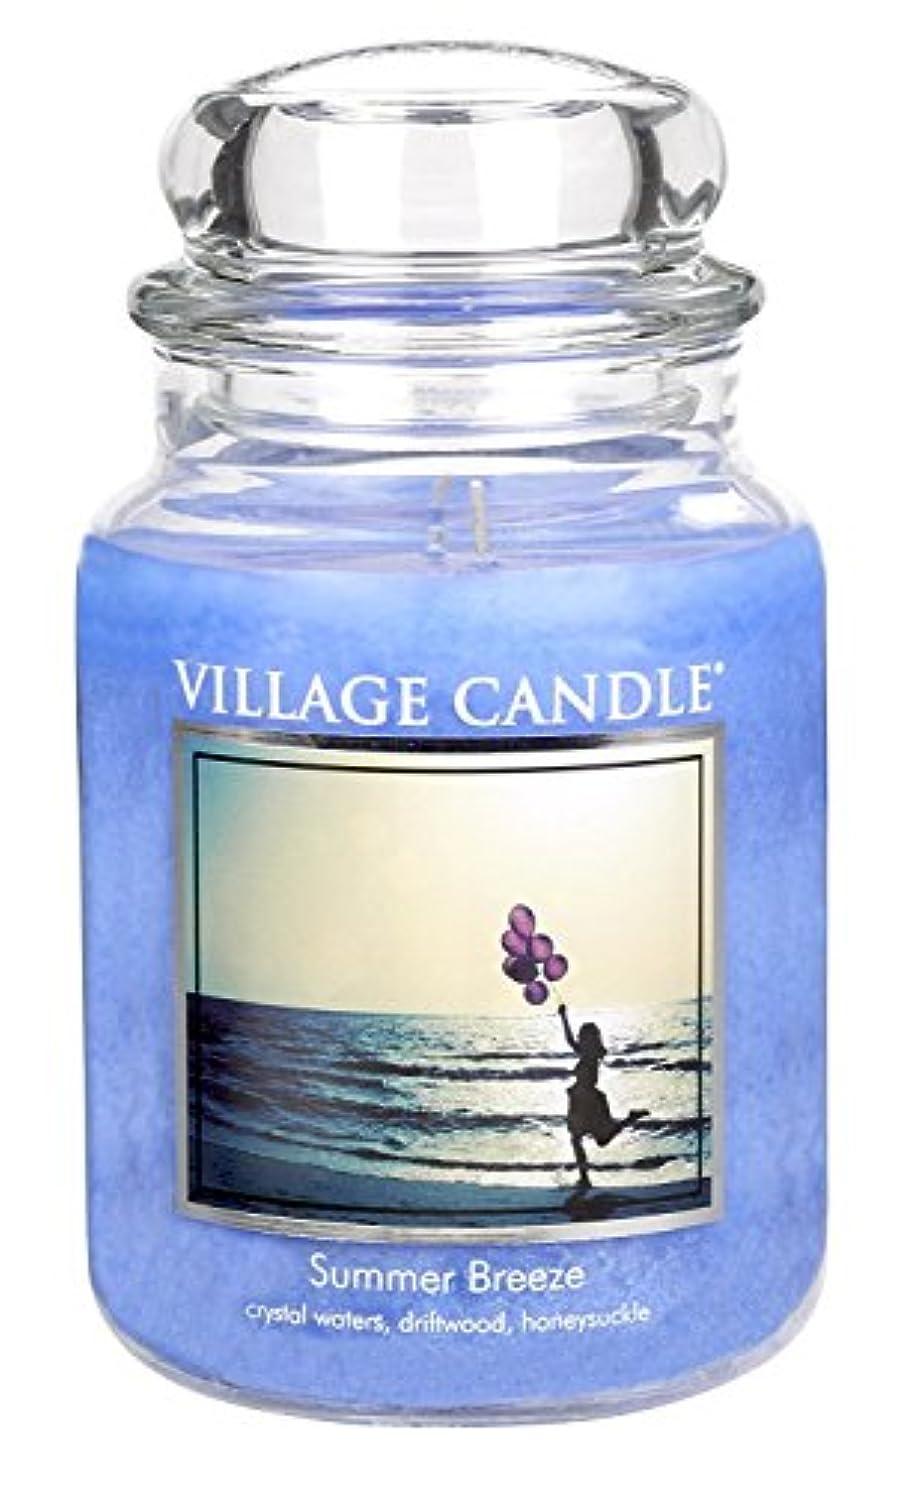 熟すズームインする各Village Candle Summer Breeze 26 oz Glass Jar Scented Candle, Large [並行輸入品]